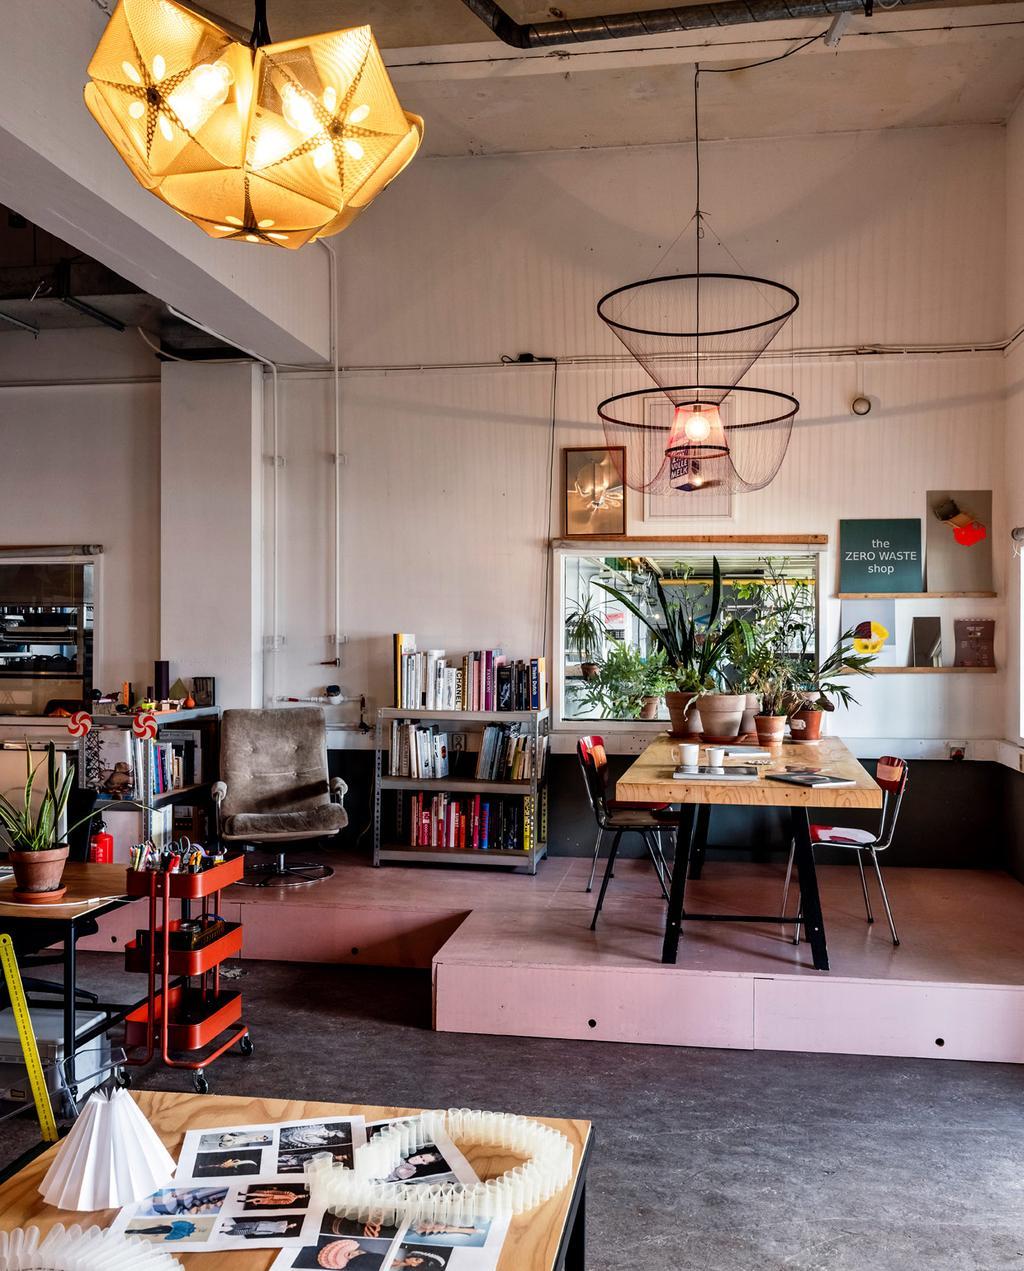 vtwonen 06-2021 | atelier in Eindhoven van Susanne met modieuze lampen